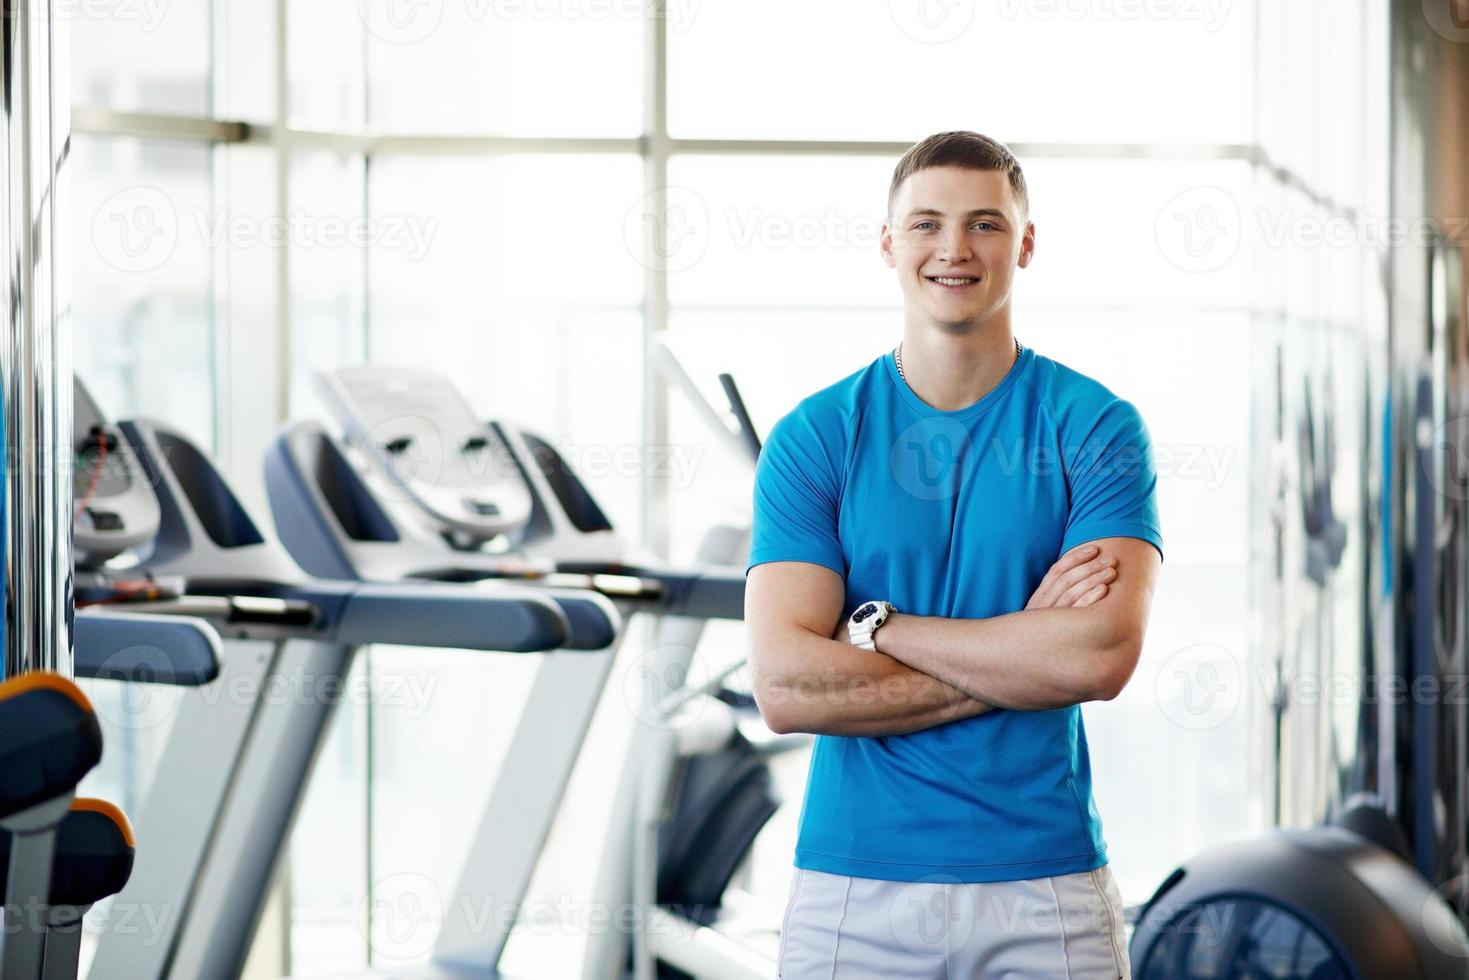 tränare på gymmet foto